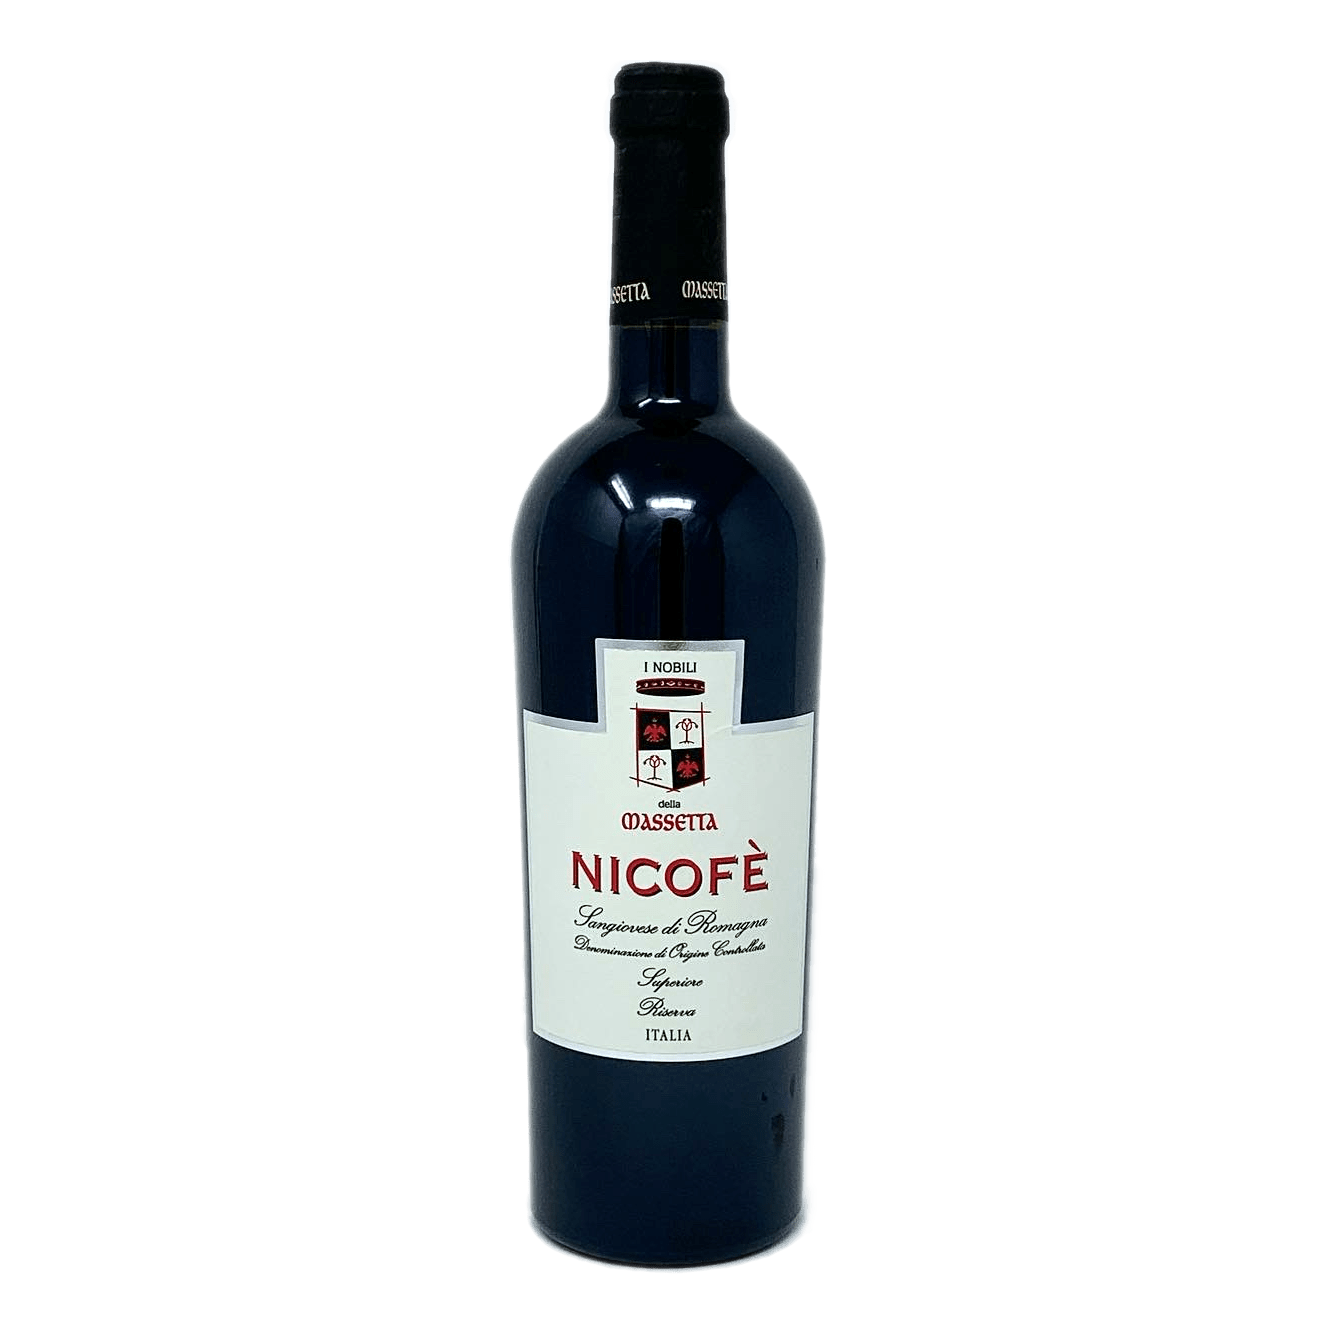 NICOFÈ Sangiovese Superiore Riserva D.O.C. I Nobili della Massetta - prodotti tipici romagnoli